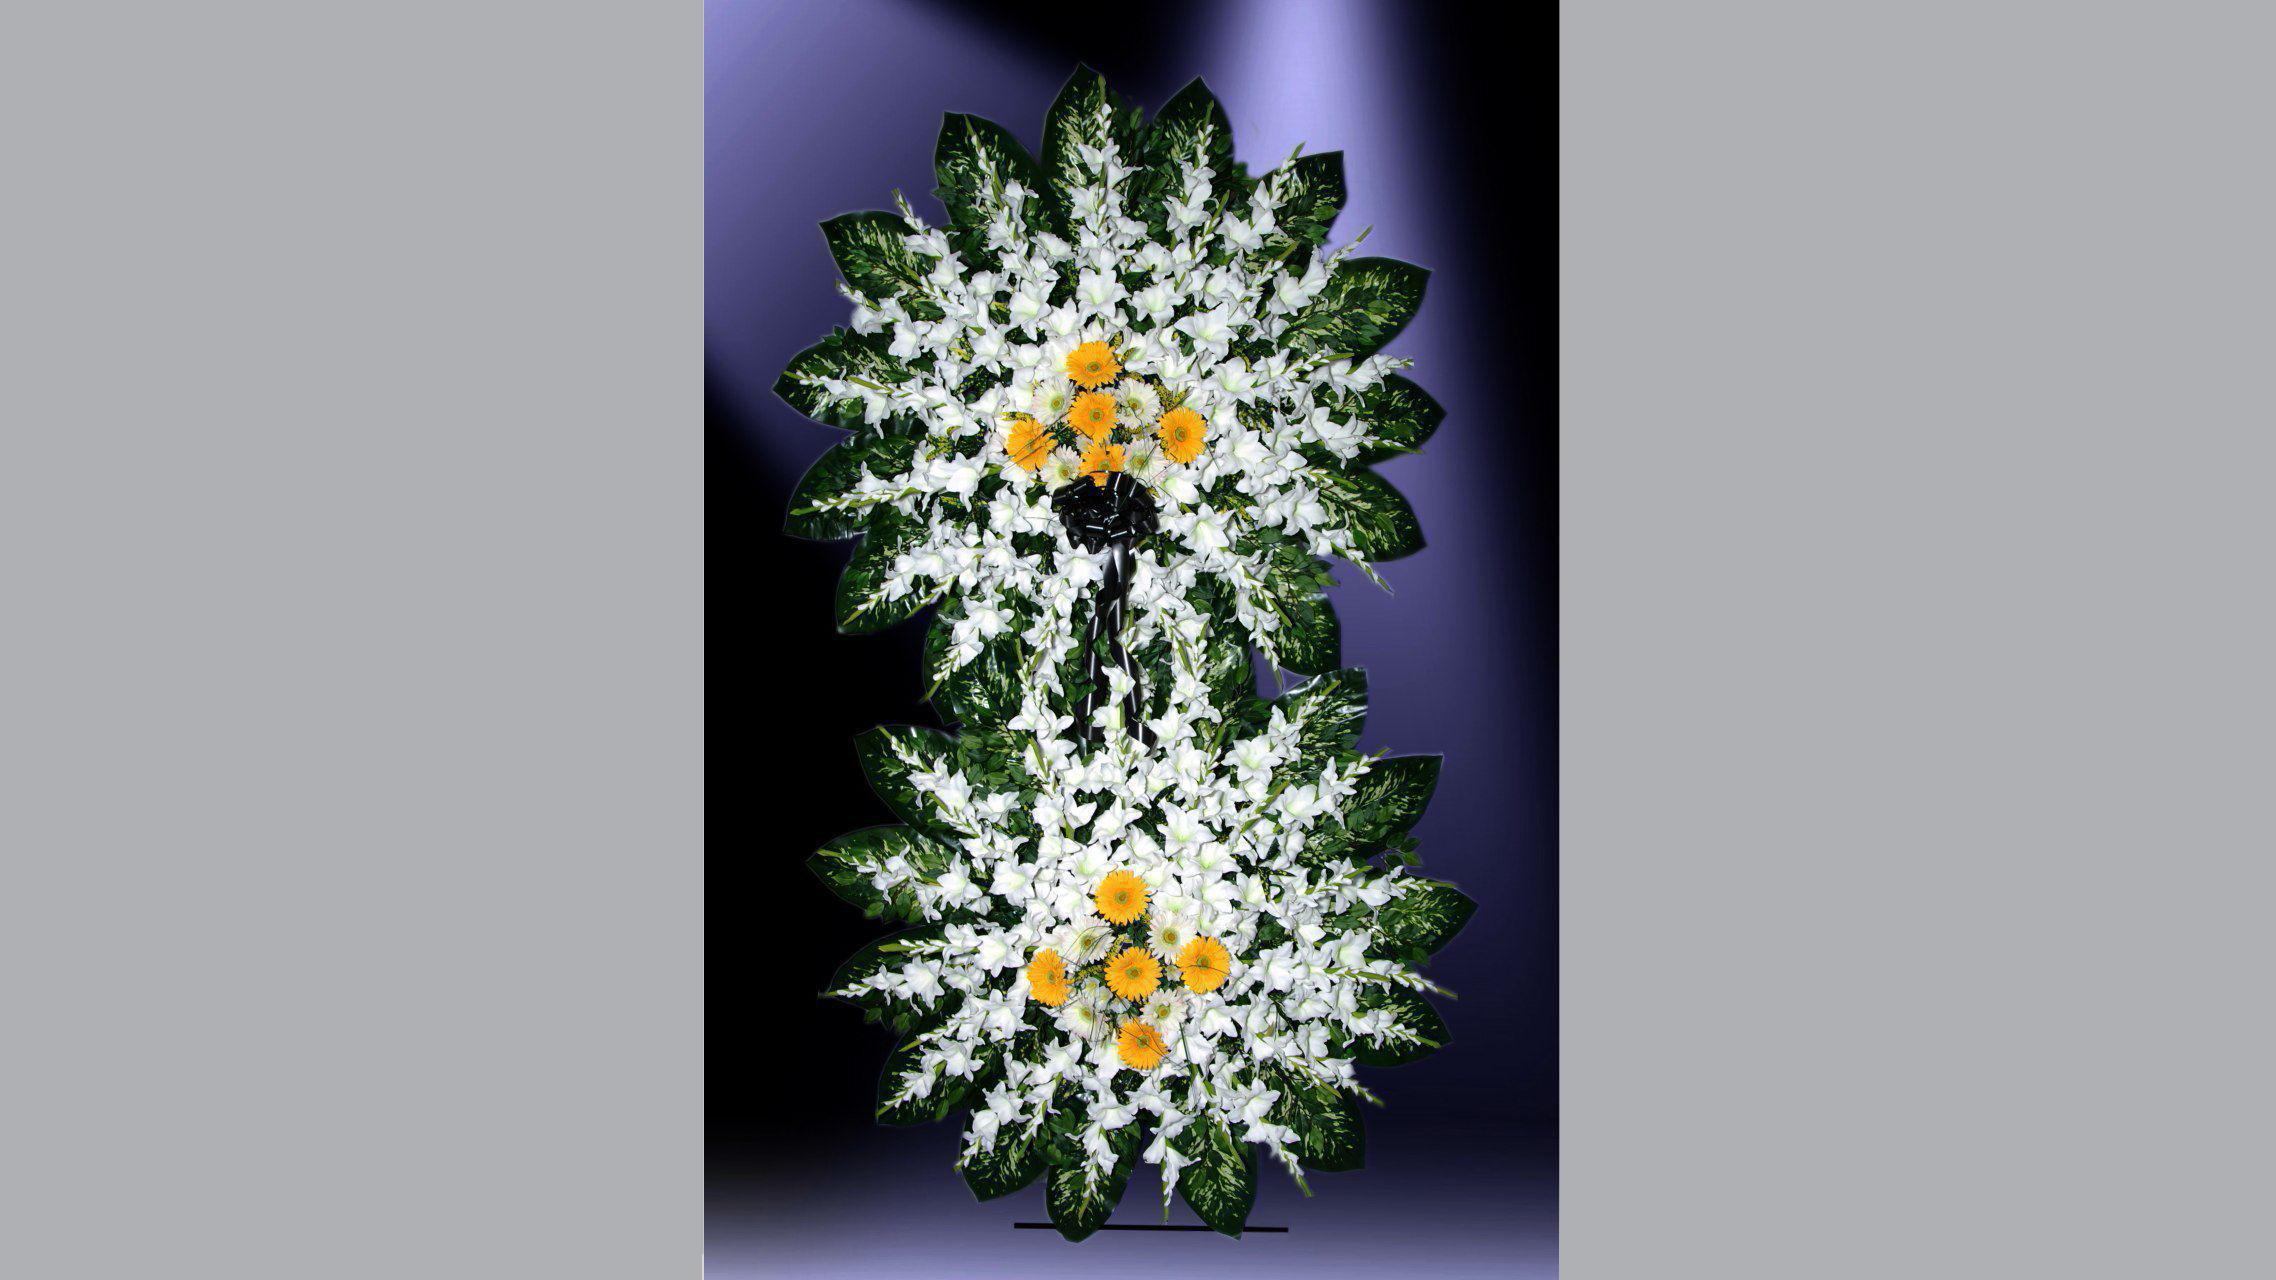 ساخت تاج گل خیریه | استند تسلیت | طراحی تاج گل خیریه | گل میخک | گل رز | گل لیلیوم | گل گلایل